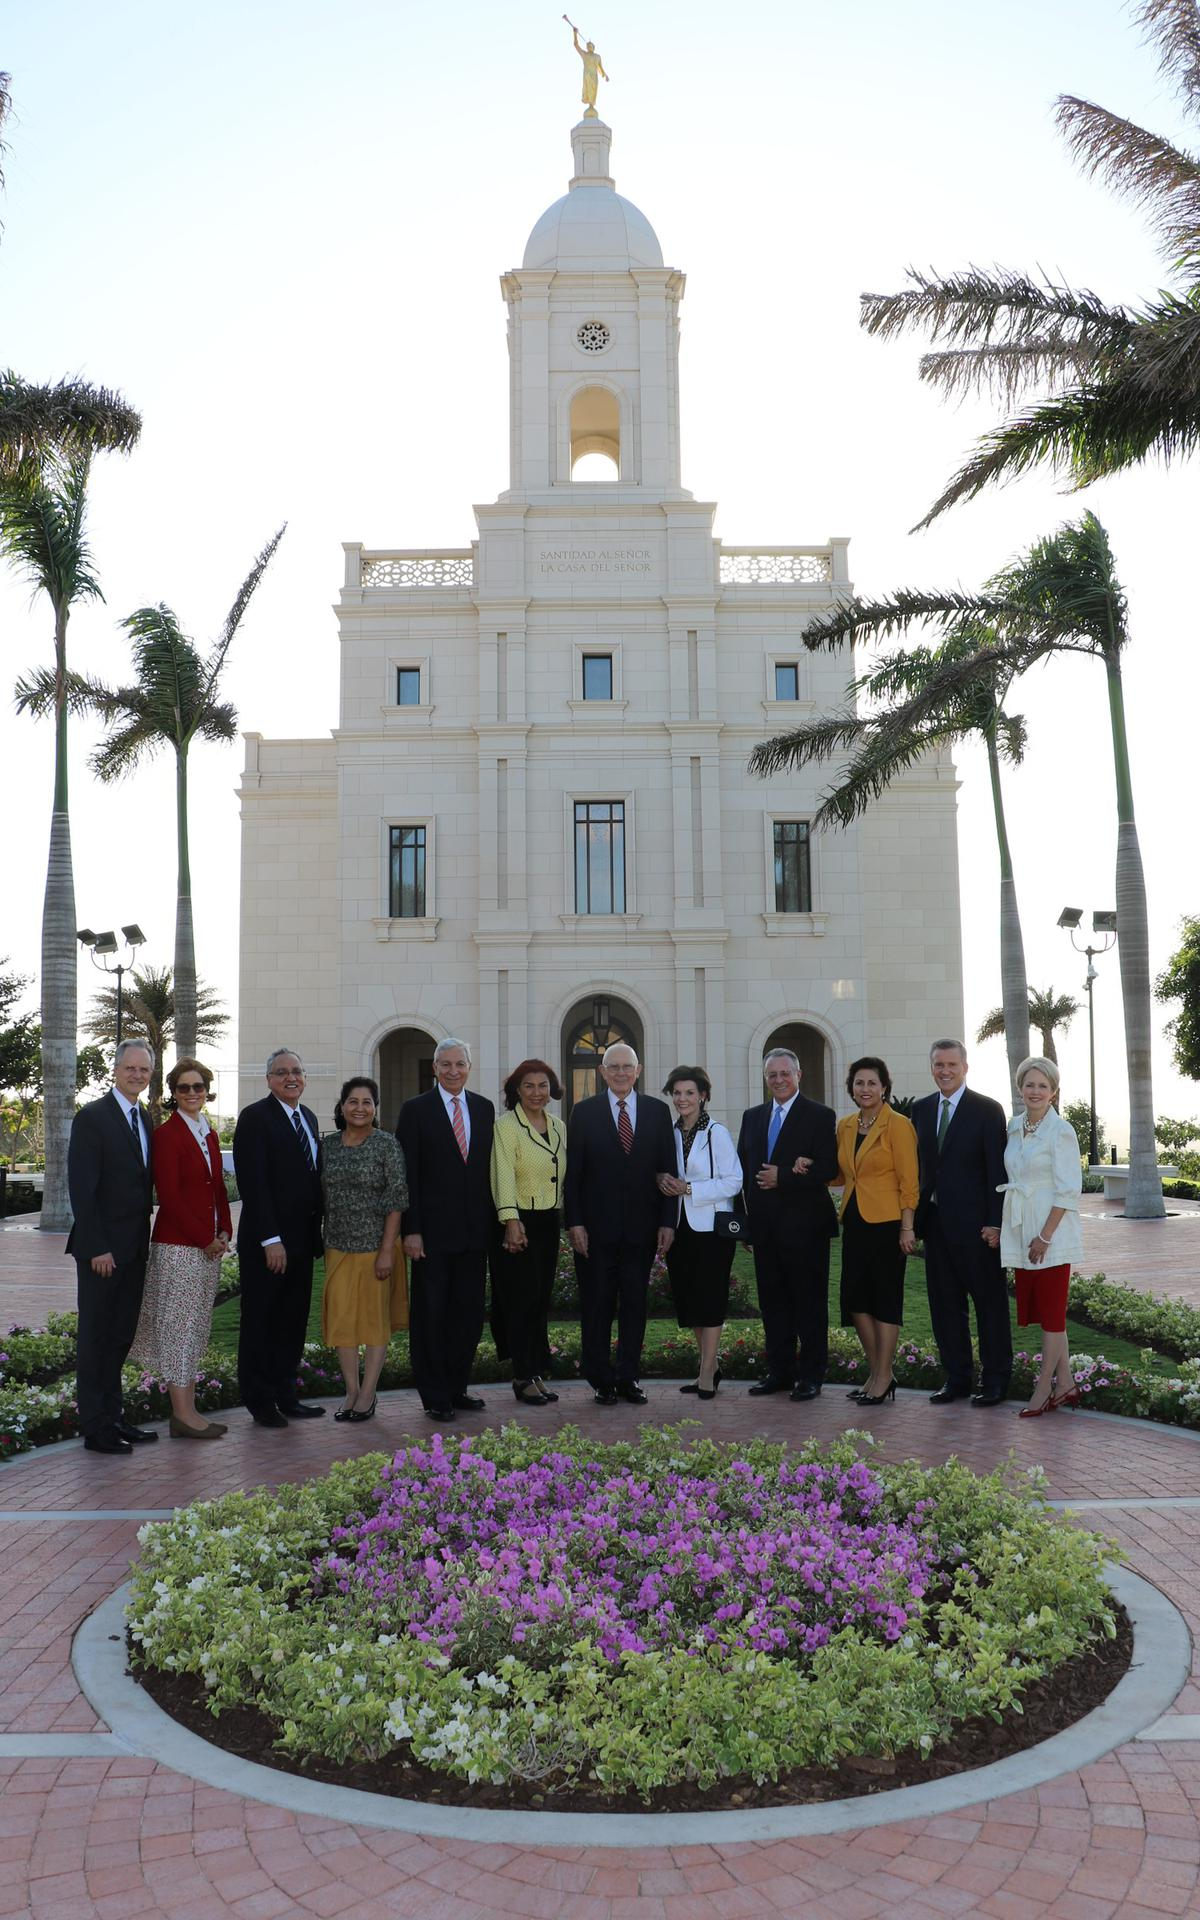 Autoridades generales visitantes en frente del templo de Barranquilla, Colombia